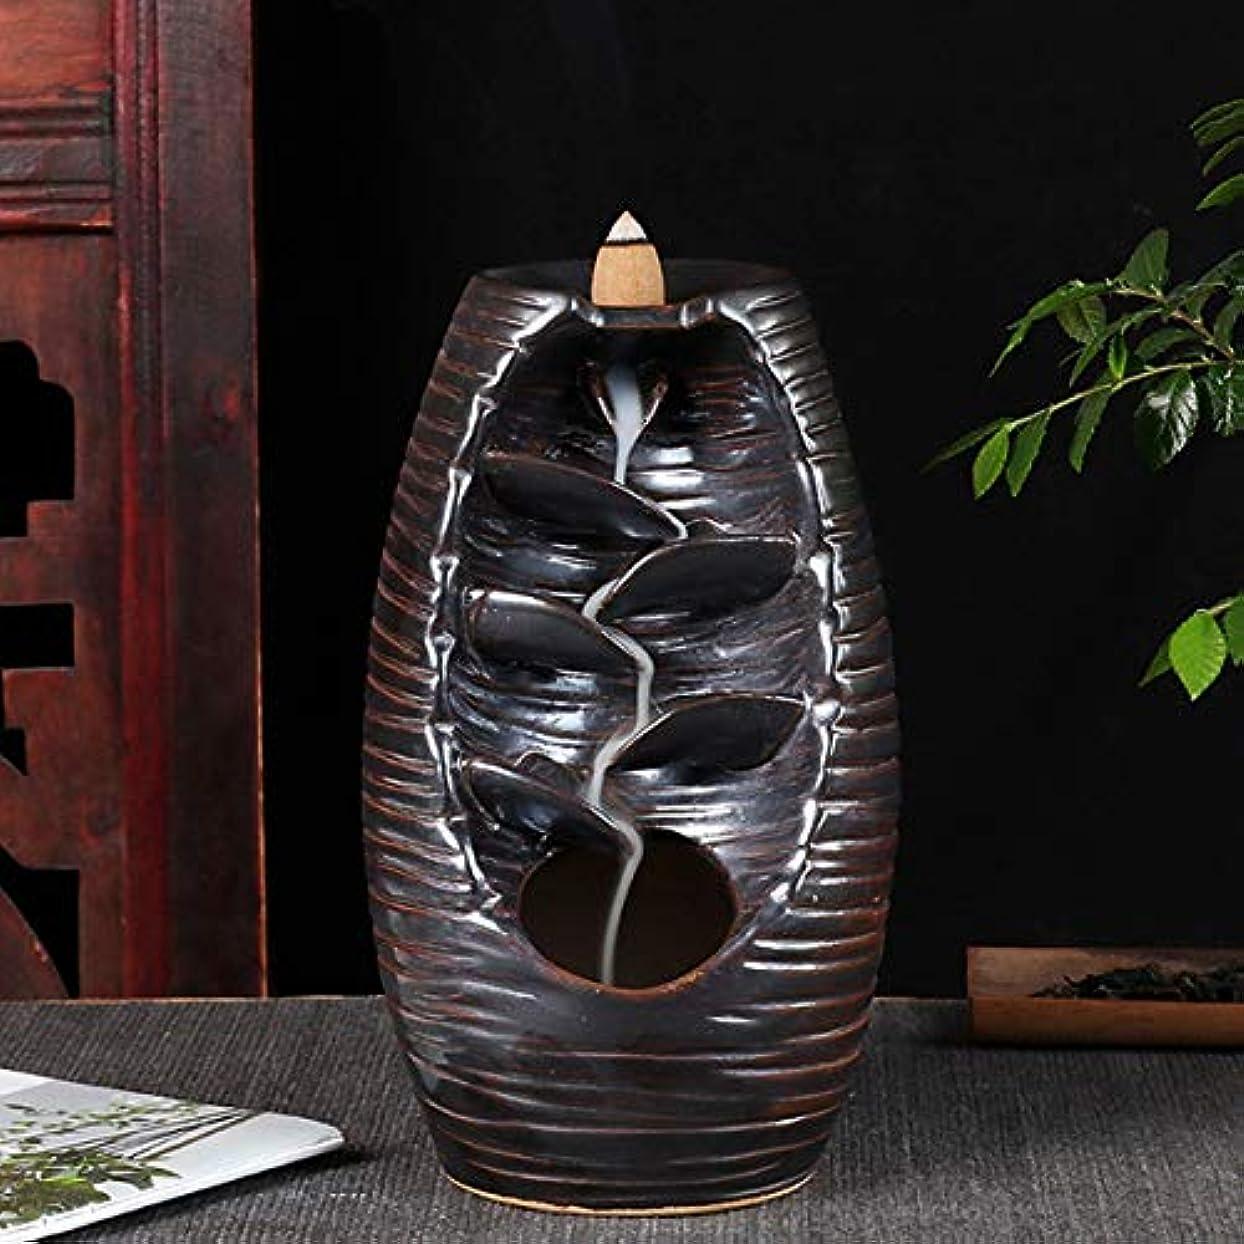 流用するクランプアナリストVosarea 逆流香バーナー滝香ホルダーアロマ飾り仏教用品(黒)